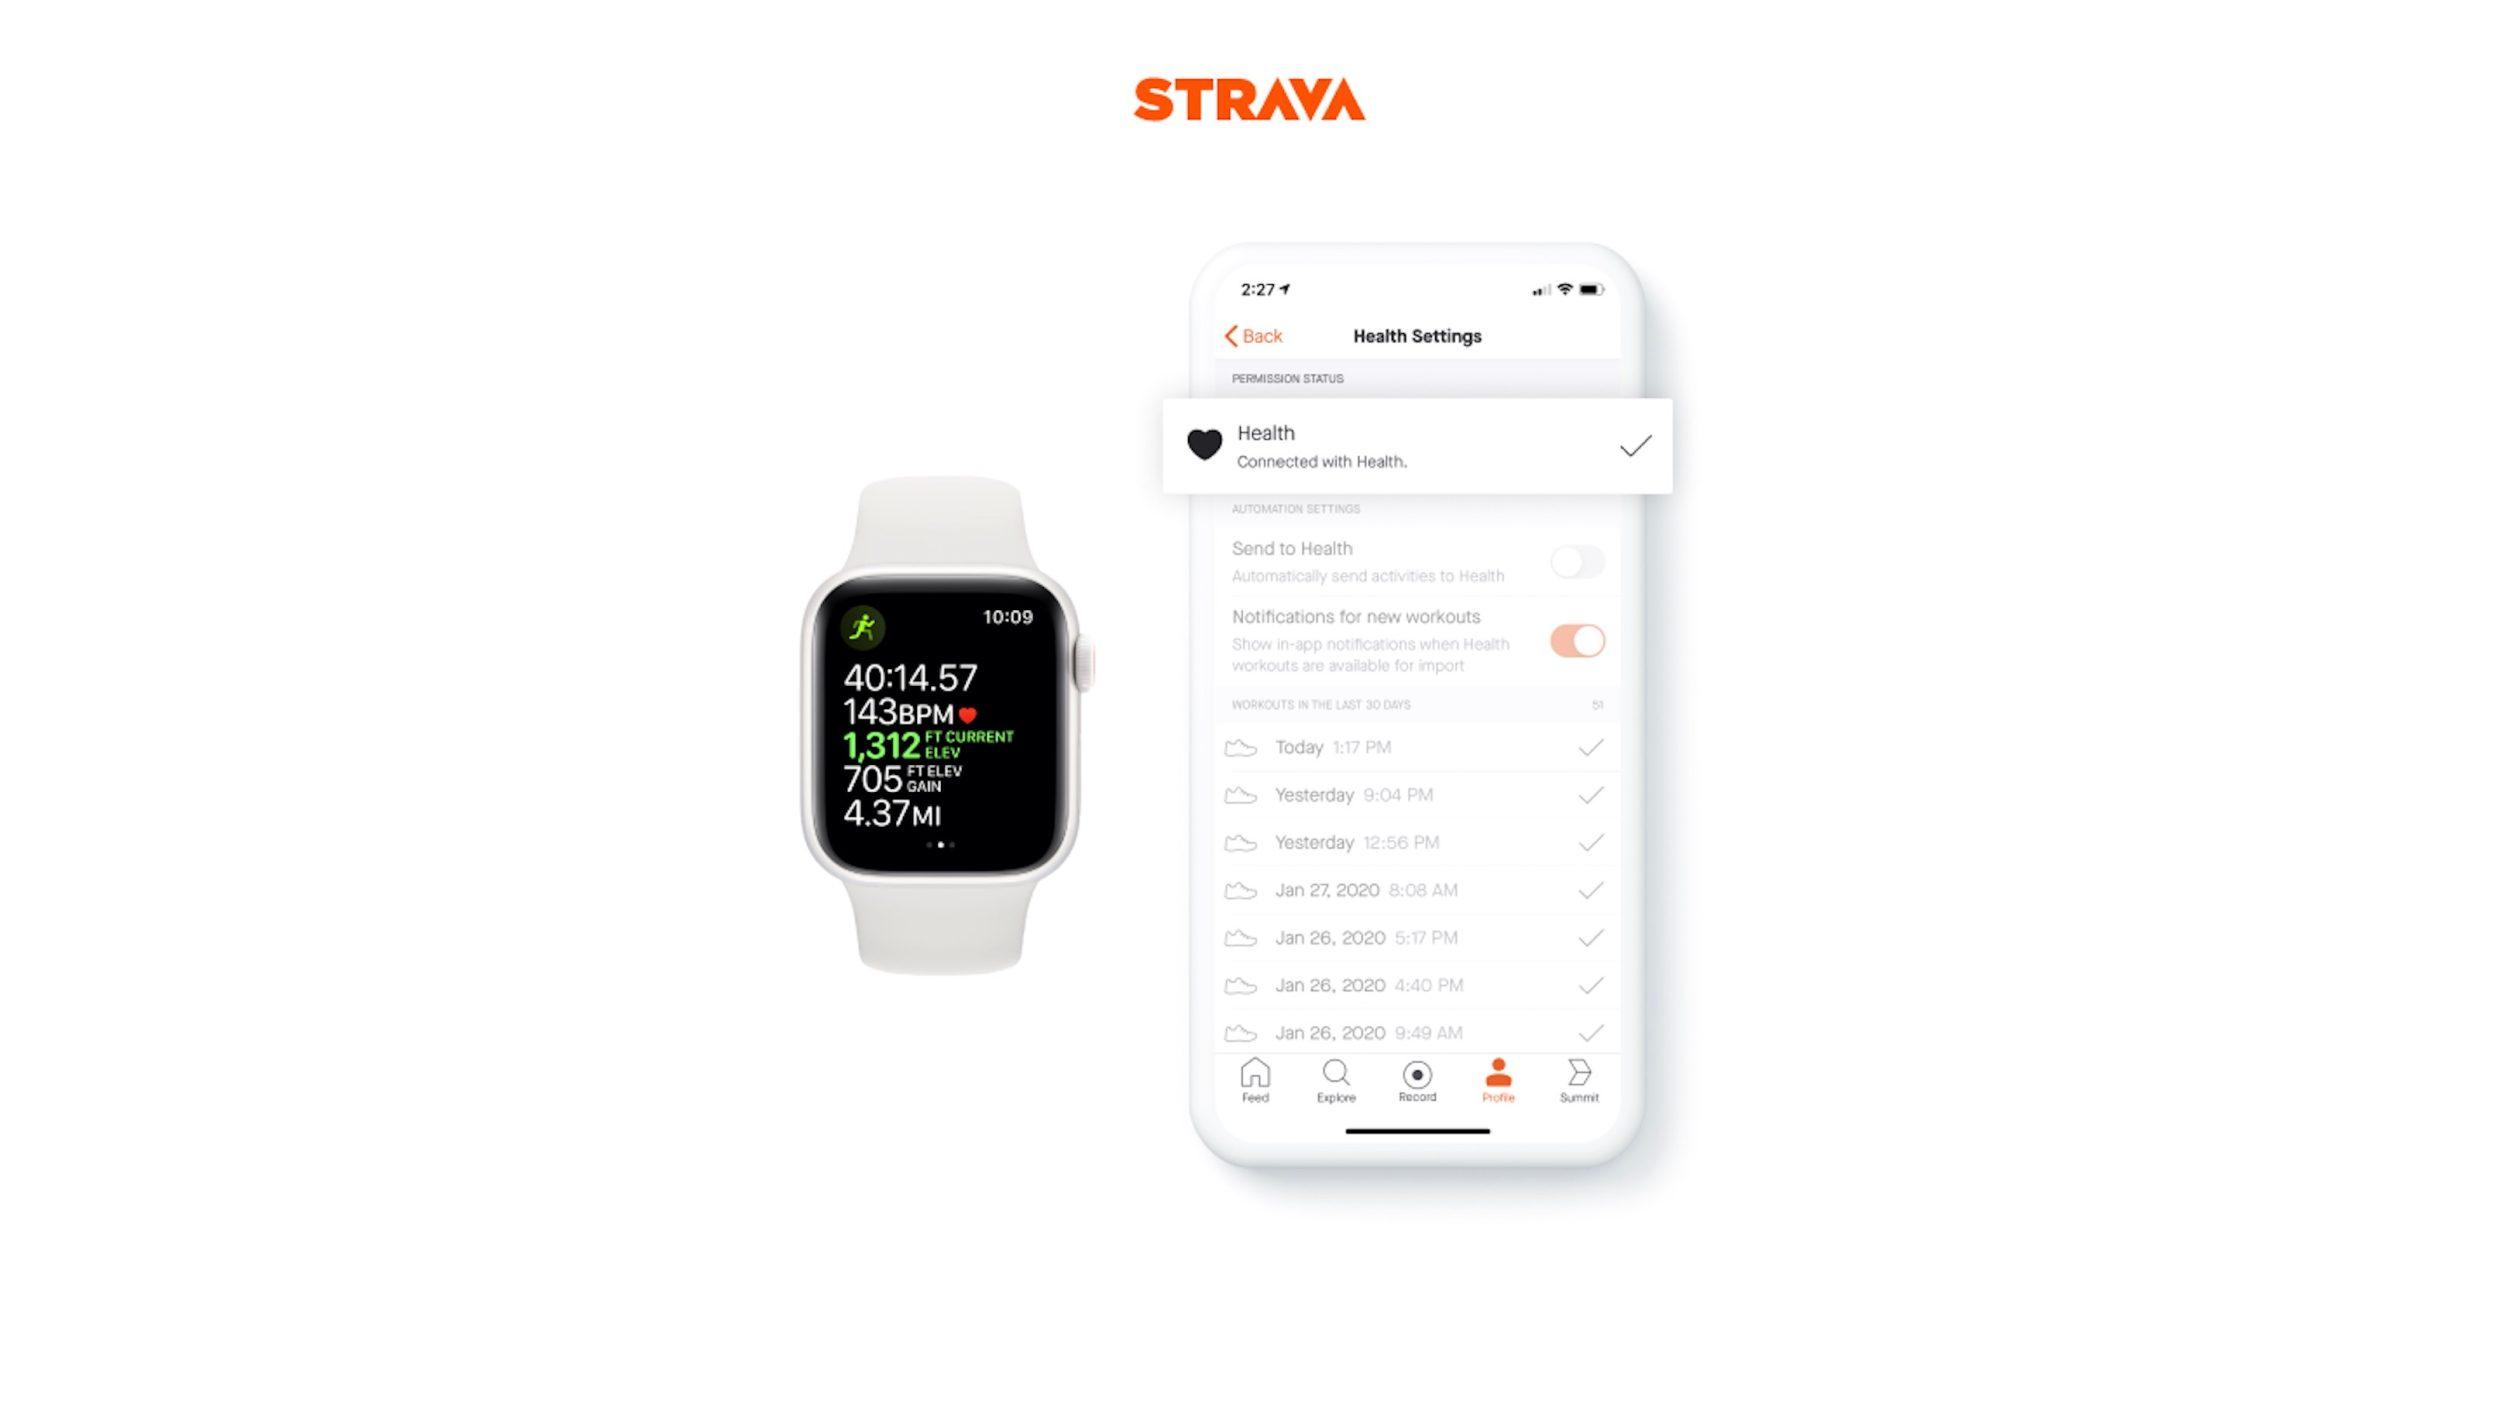 Strava podporuje HealthKit pro importování Apple Watch dat